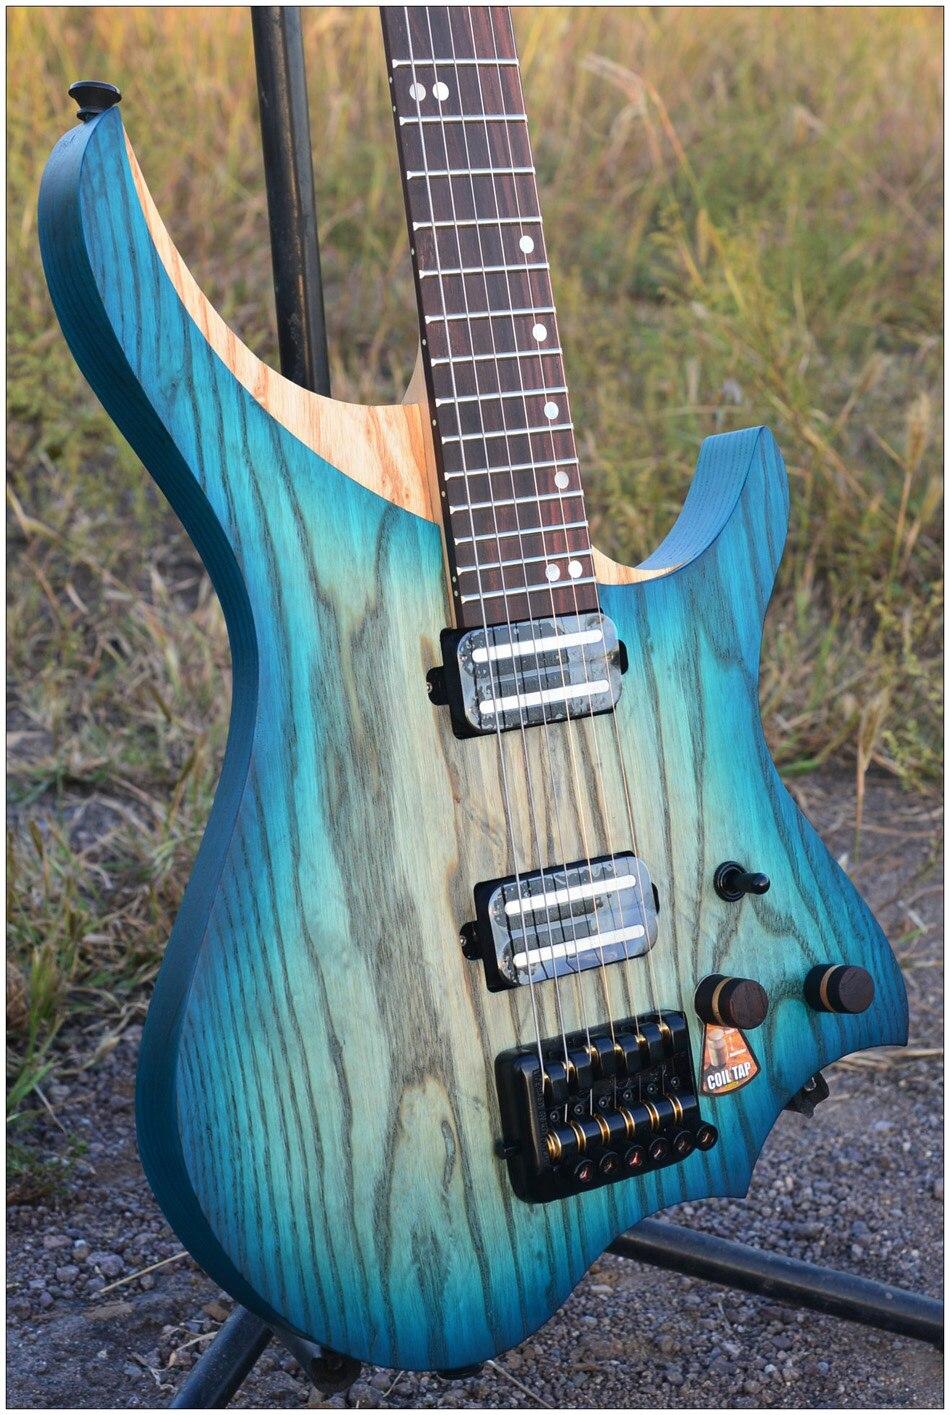 NK Sans Tête Guitare Électrique steinberger style Modèle Blue burst couleur 3 photos Flamme manche érable en stock Guitare livraison gratuite